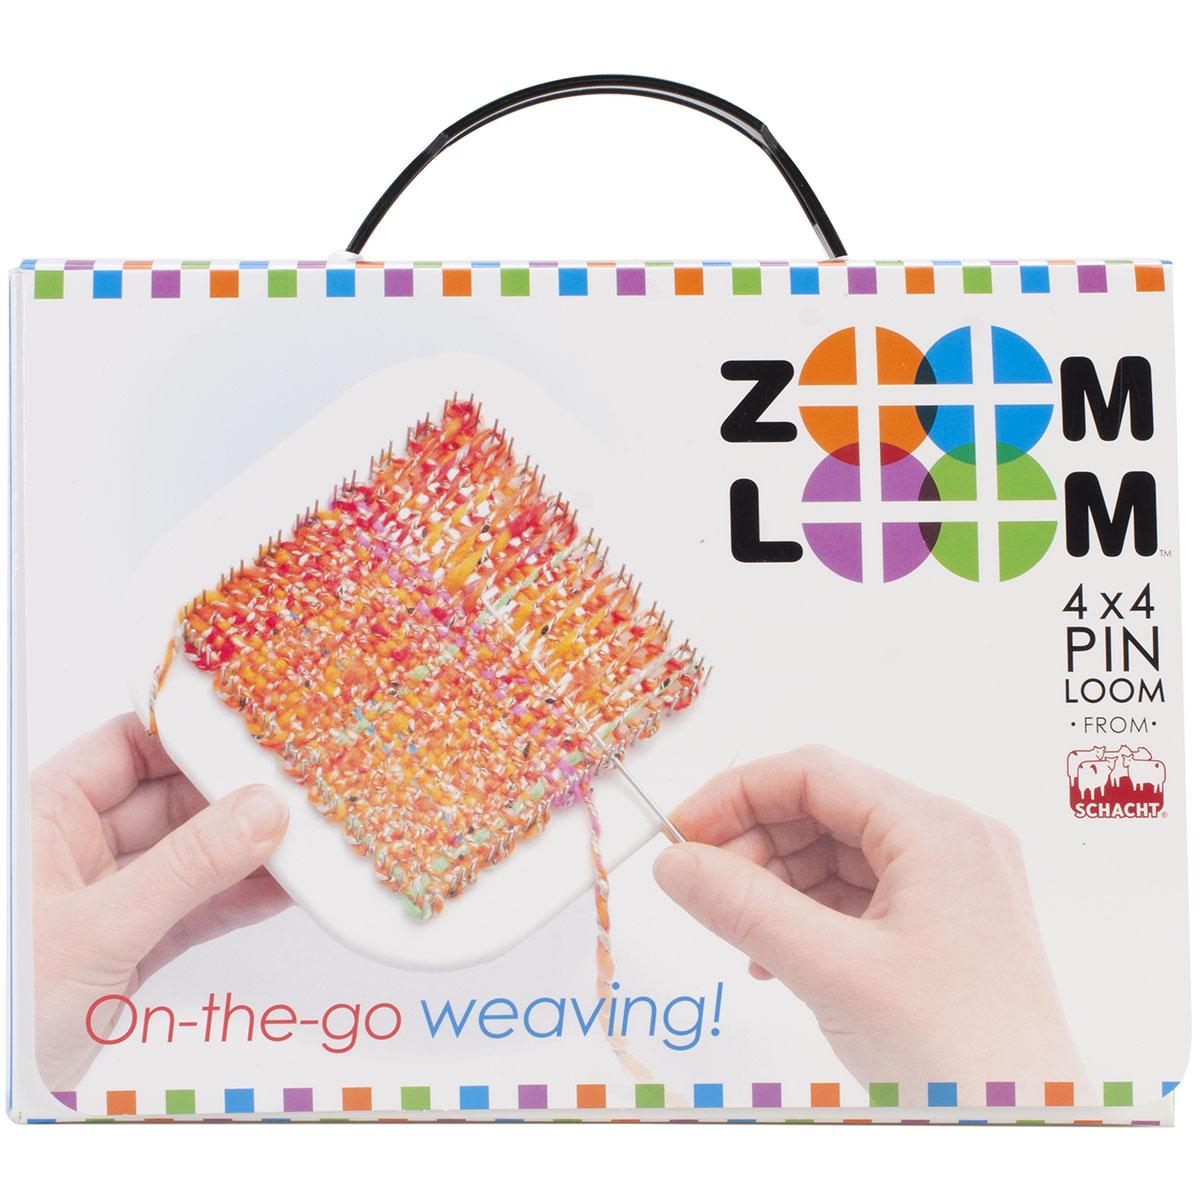 Zoom Loom 4X4